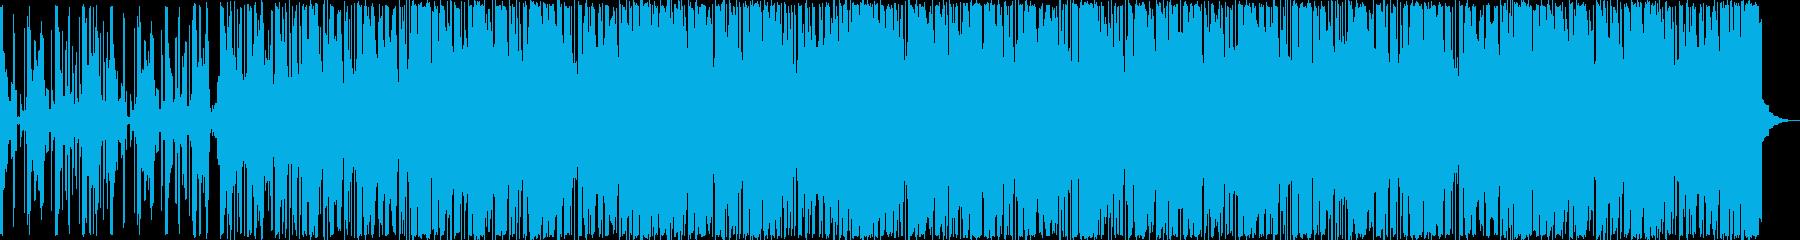 どこか懐かしいシンセが奏でるメロディの再生済みの波形